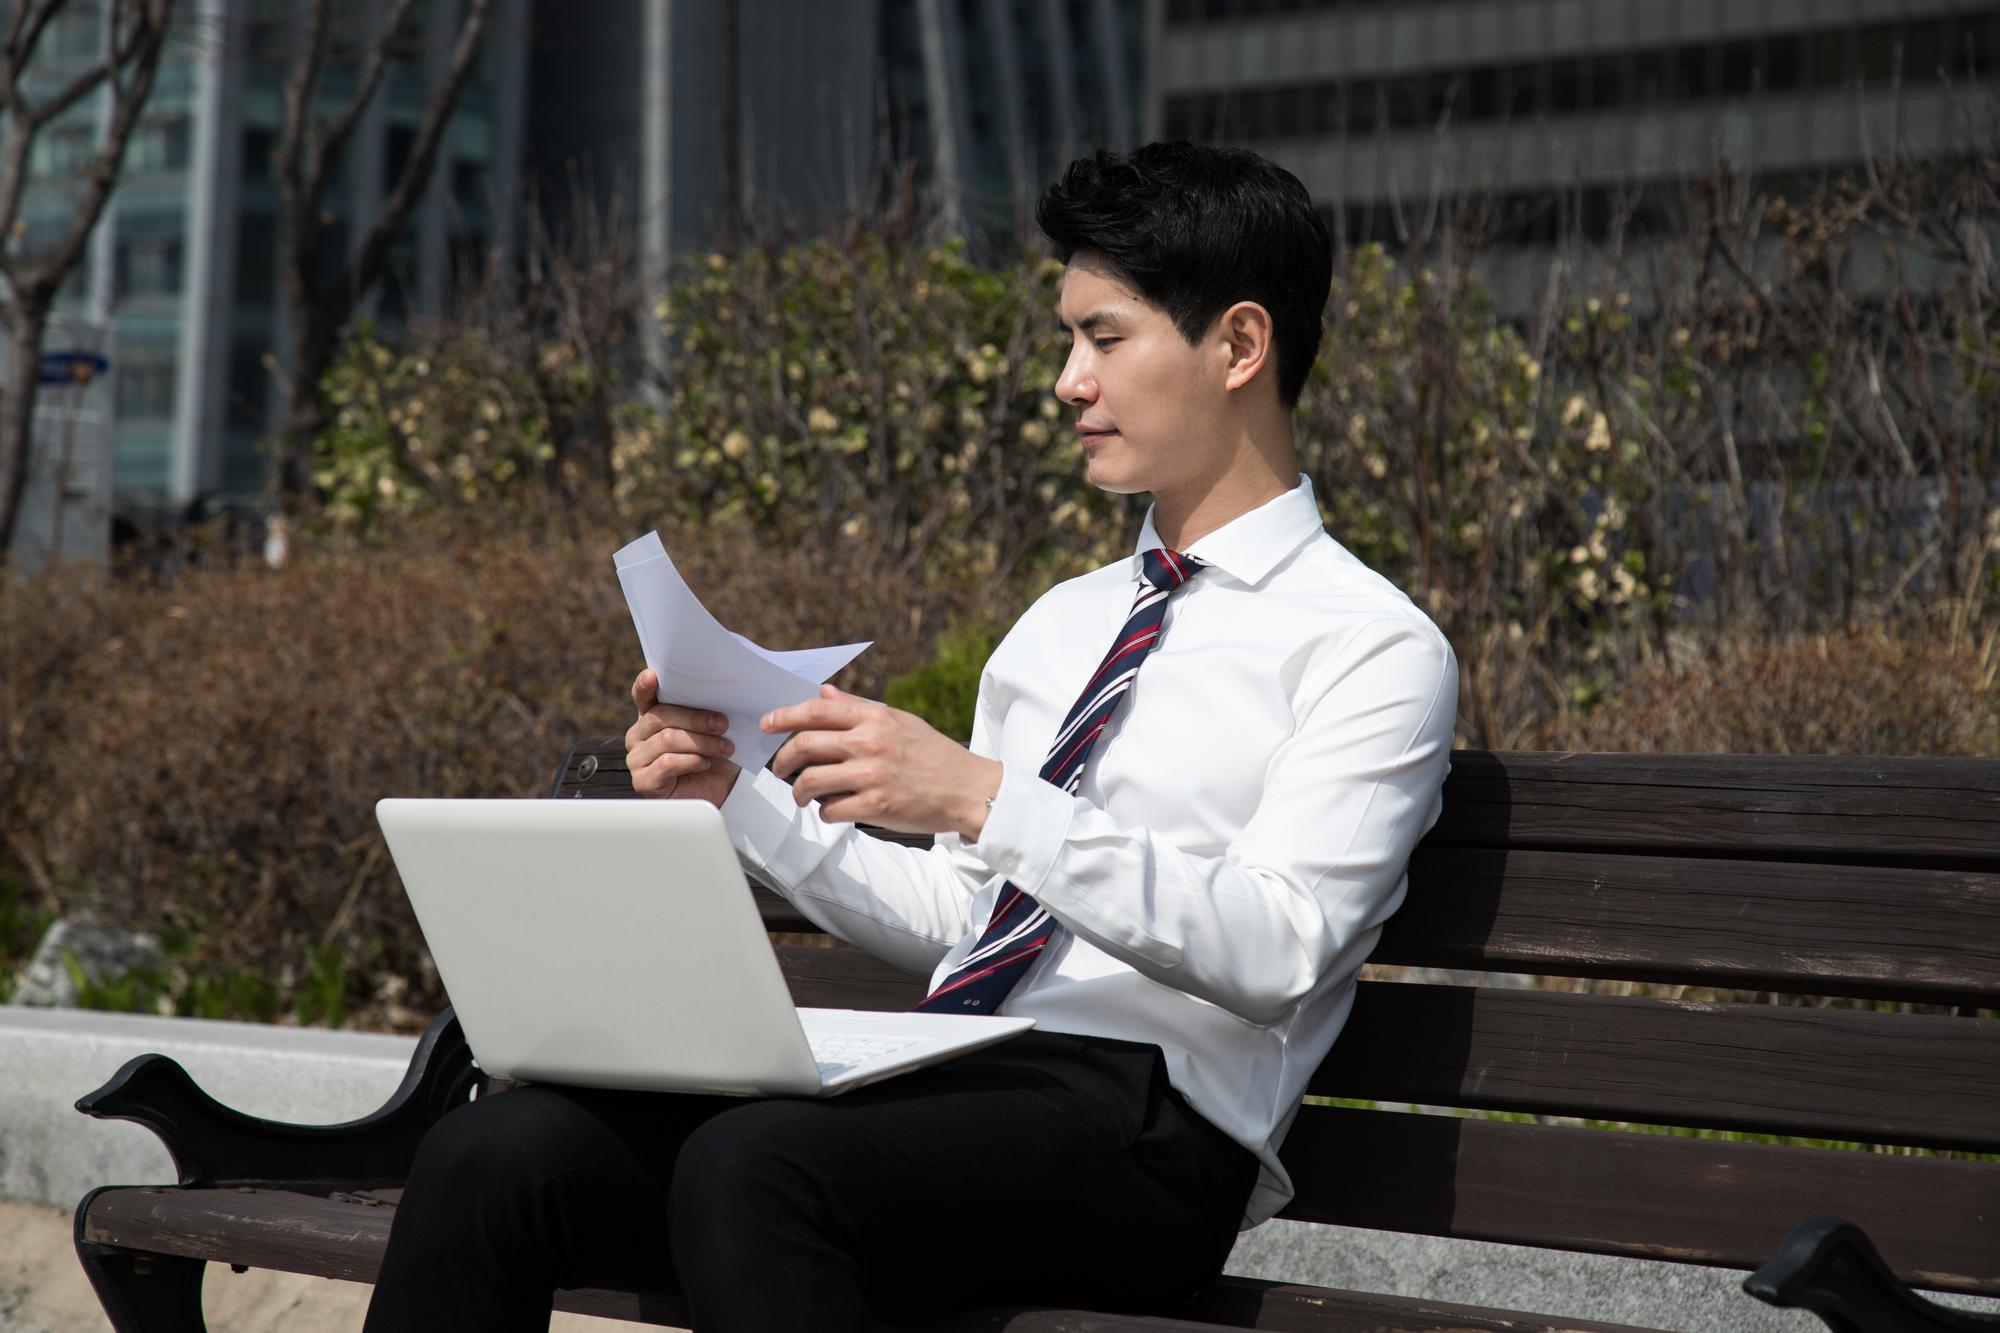 仕事が無い暇な営業マン必見!仕事の作り方と心掛けるべきポイント